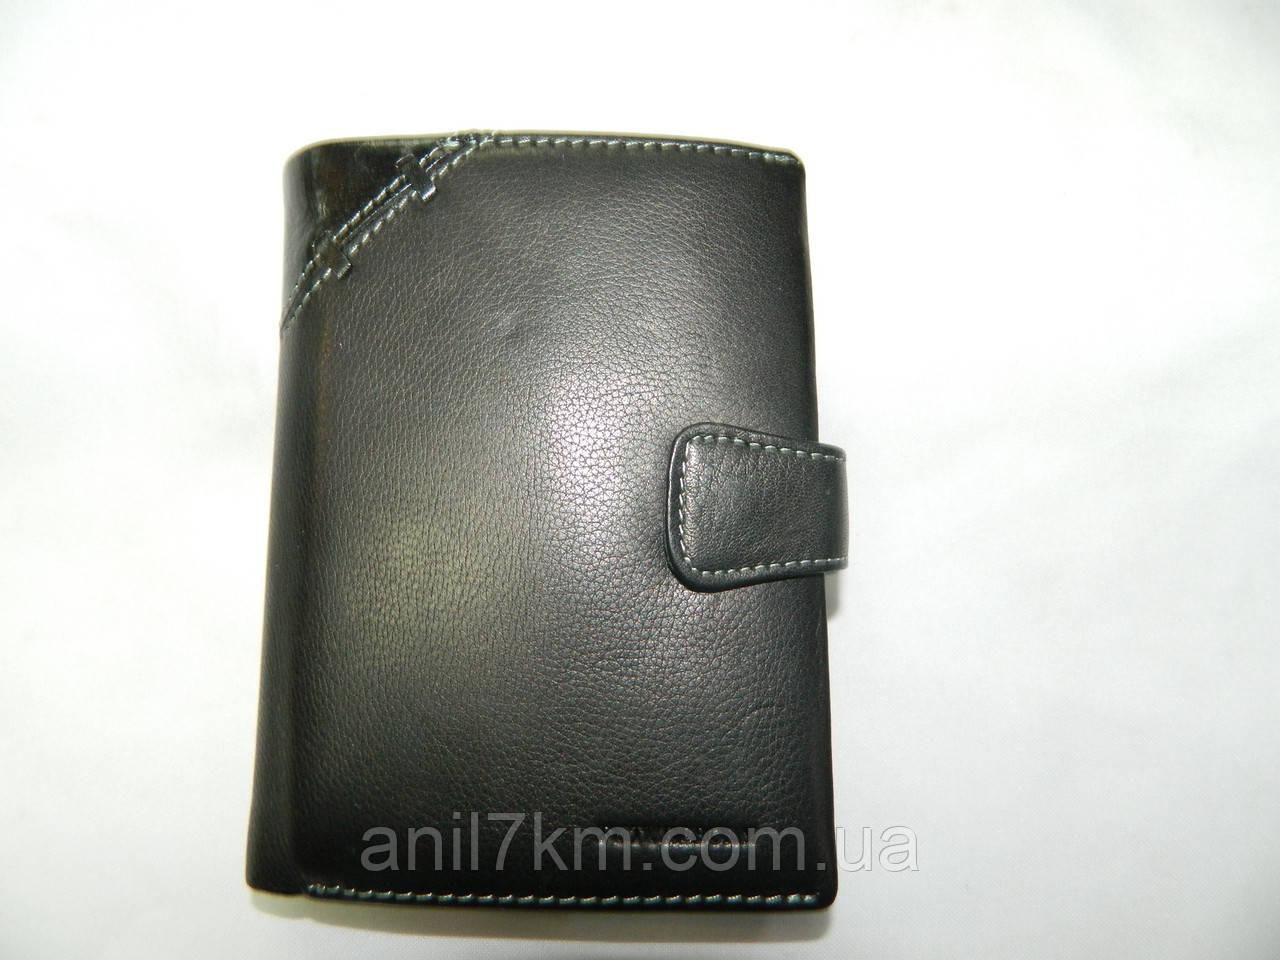 Чоловічий шкіряний гаманець-портмоне для грошей і документів фірми FUTUREBORN